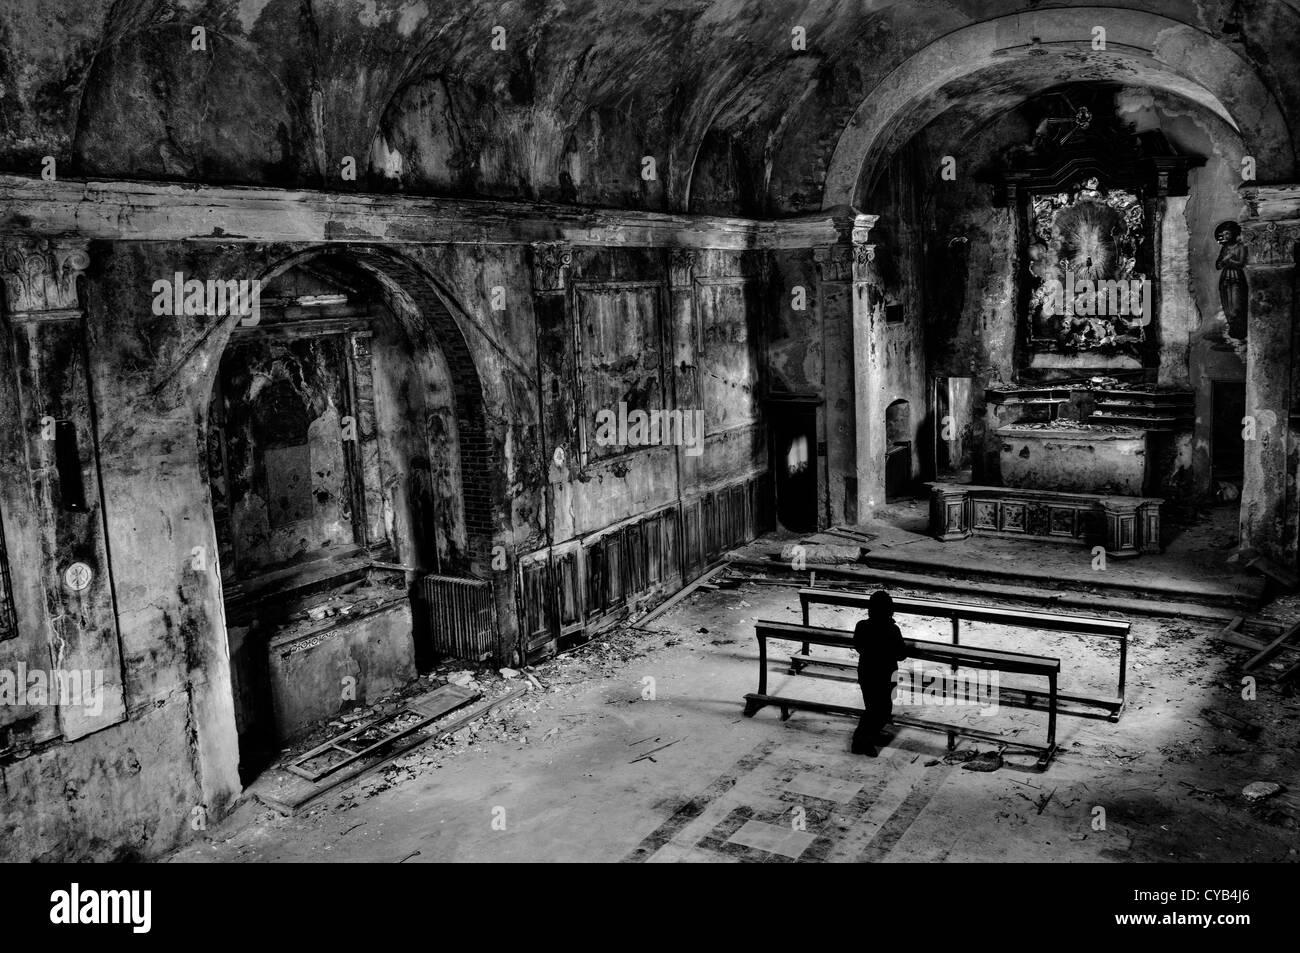 Abandoned church - Stock Image